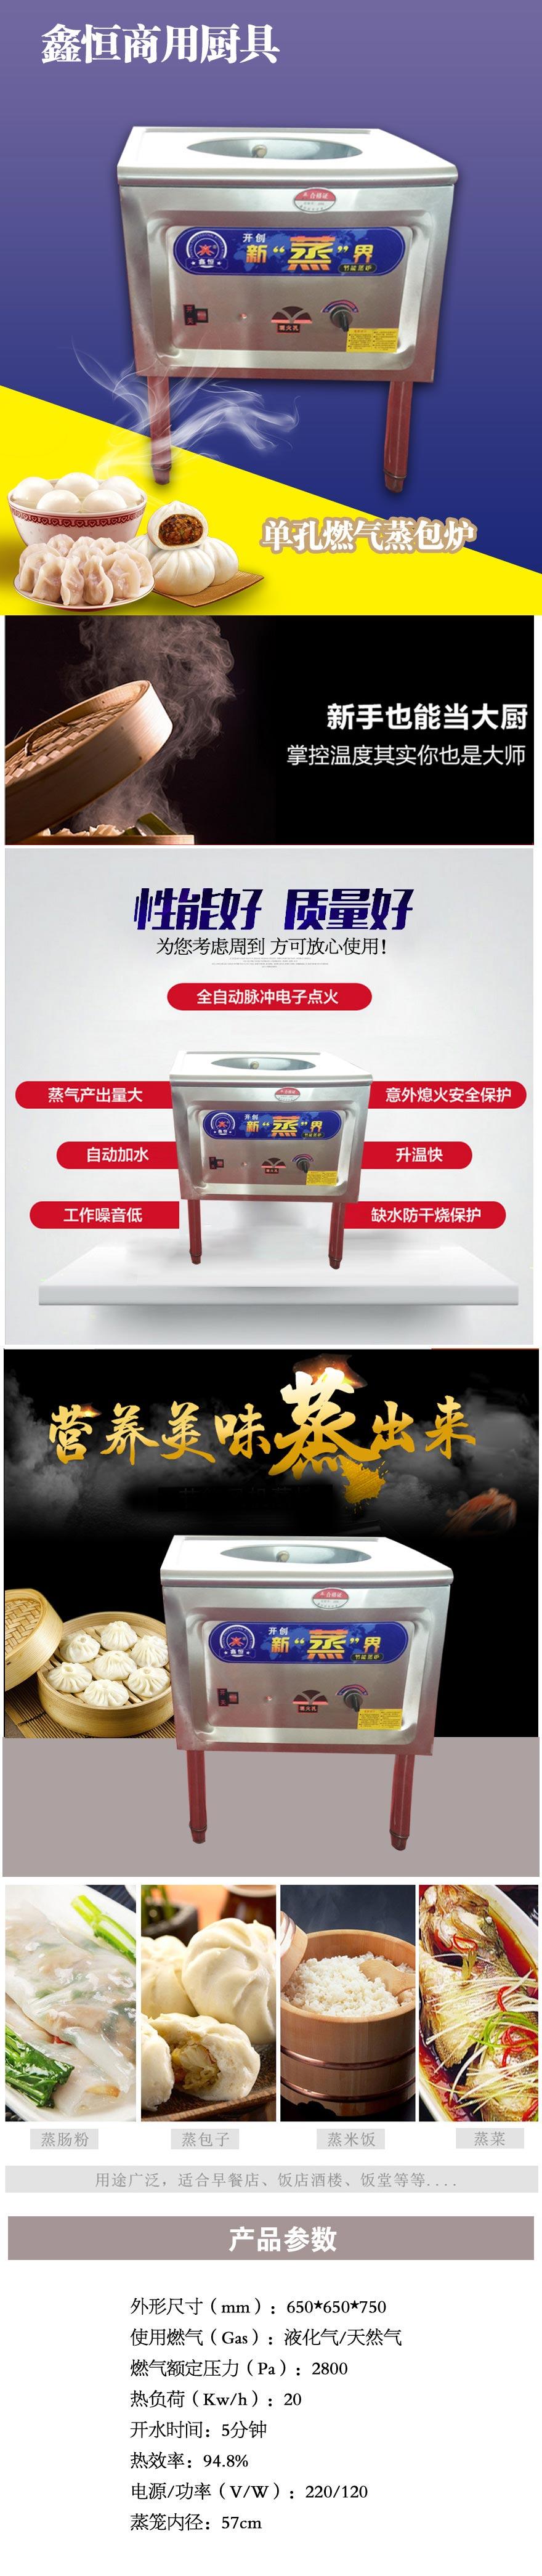 福彩3D综合走势图 — 彩票大赢家(www.cpdyj.com)福彩3D_走势图_分析预测_500彩票网